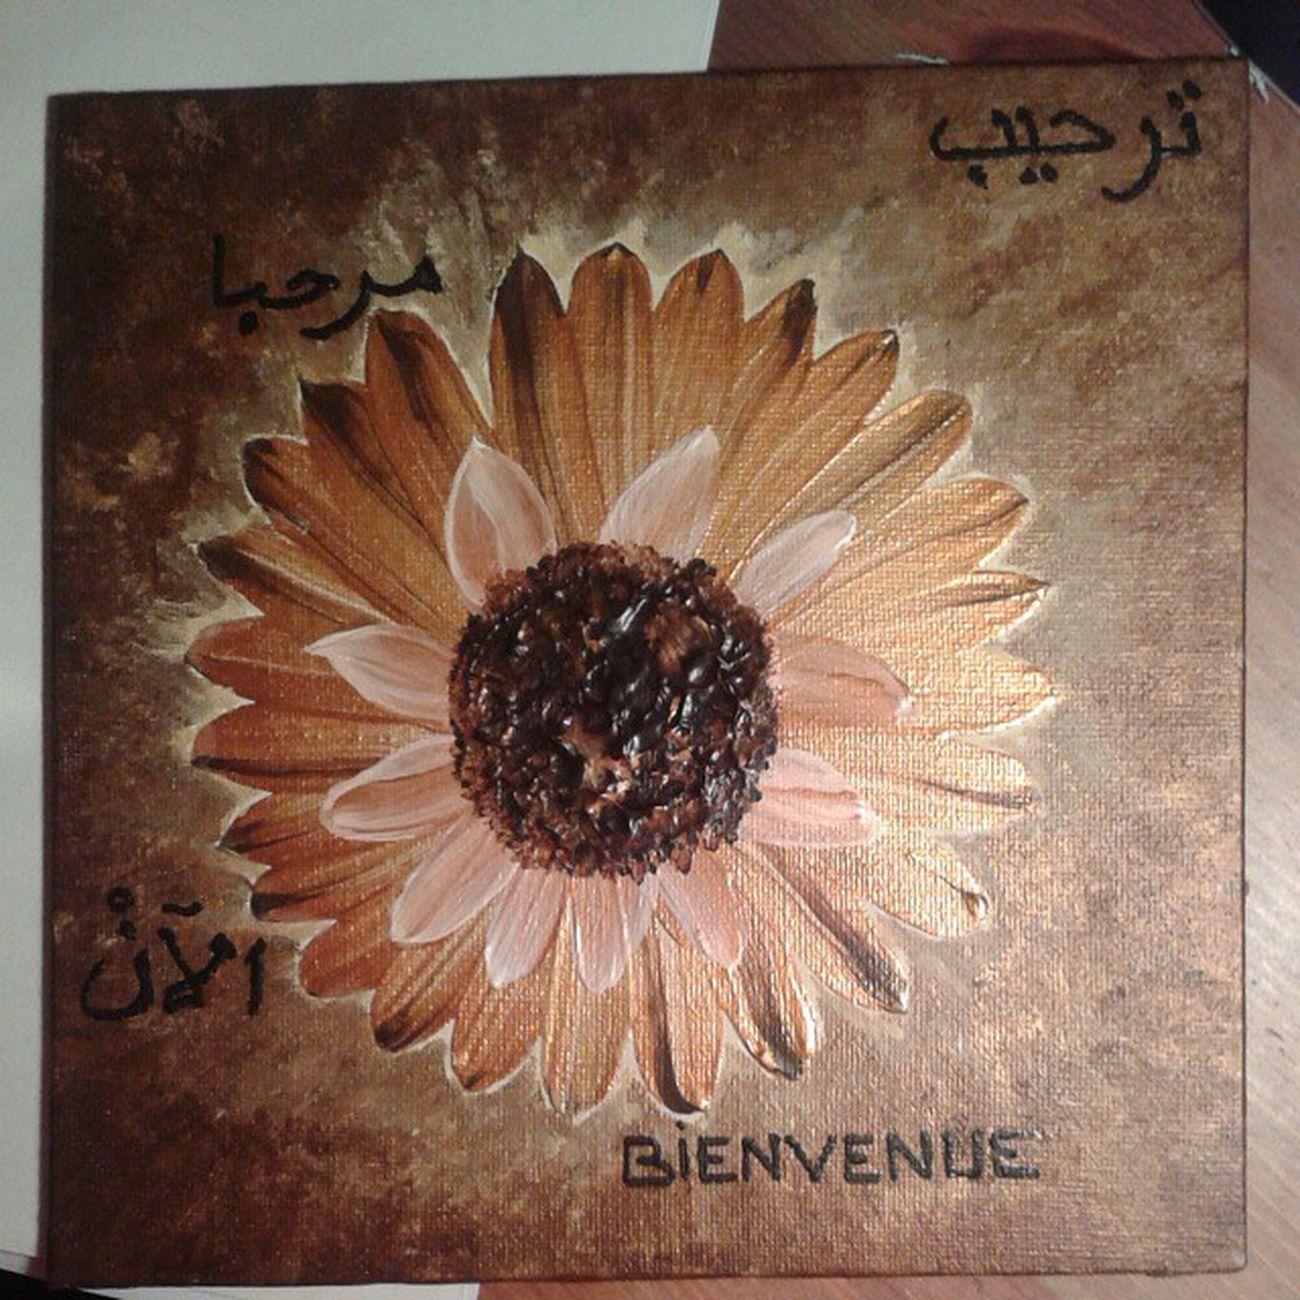 Art Mes Peintures Acryliques tournesolsabstraitcadeauxtoile bienvenuearabealgérienfrancaisormarronpersonnalisédélirefleur flowerscanvasarteartistic